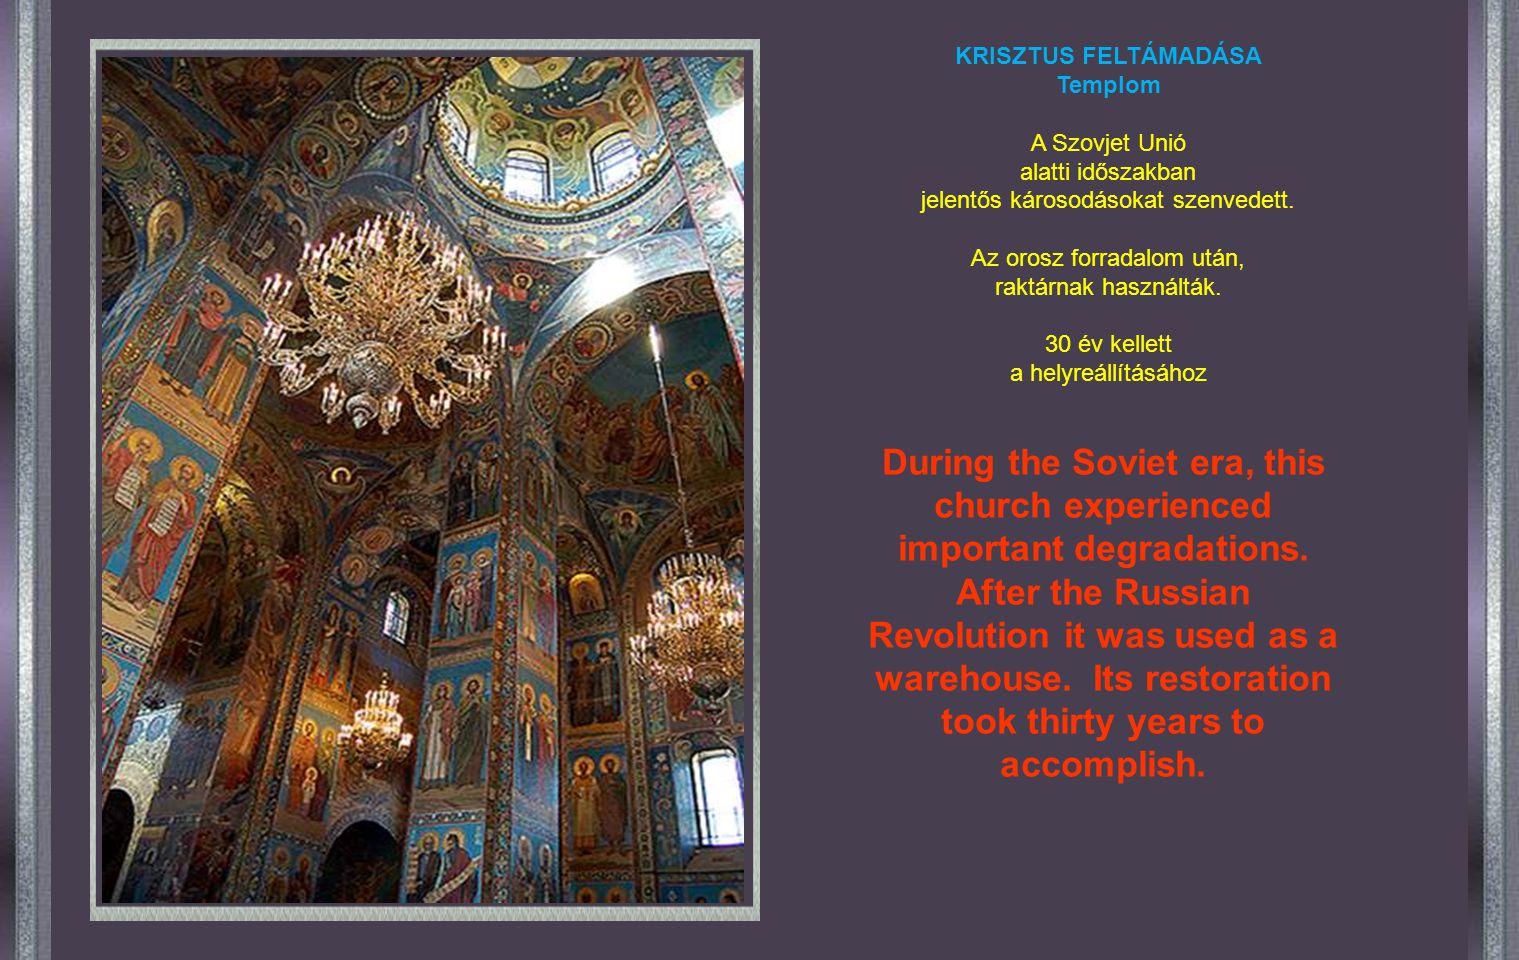 KRISZTUS FELTÁMADÁSA Templom. A Szovjet Unió. alatti időszakban. jelentős károsodásokat szenvedett.